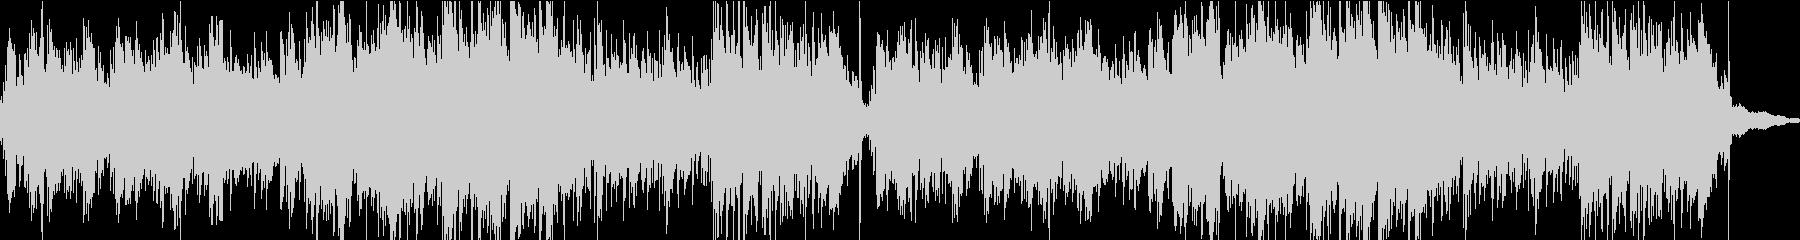 ピアノソロ。ベルバラードロマンティック。の未再生の波形